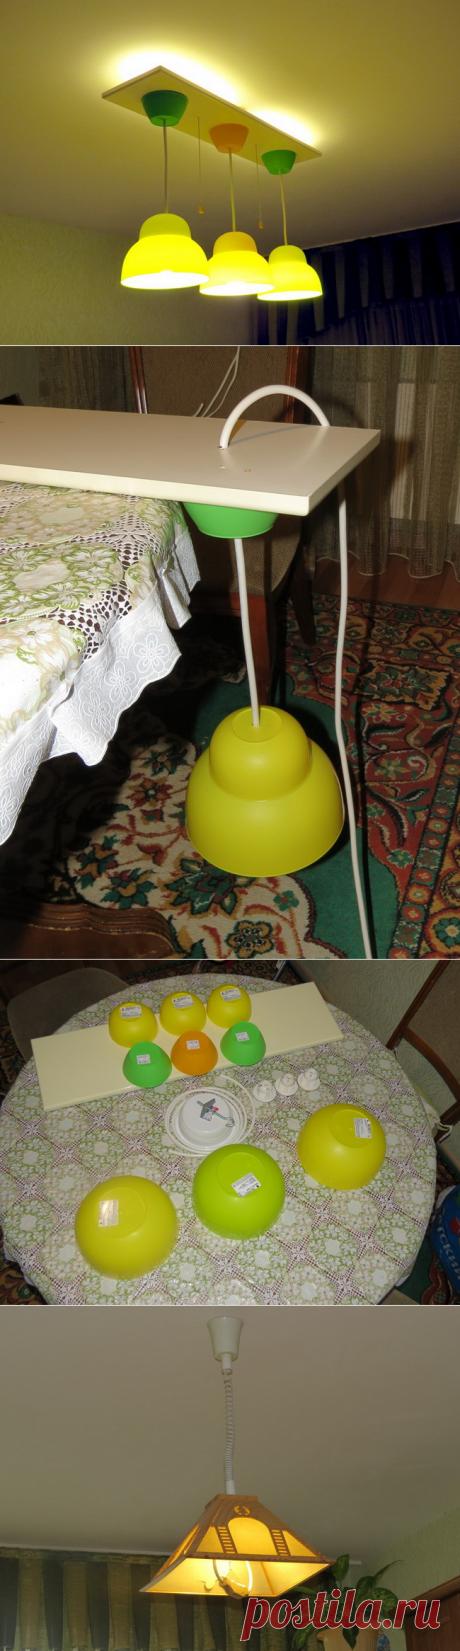 Бюджетная люстра на кухню из салатниц